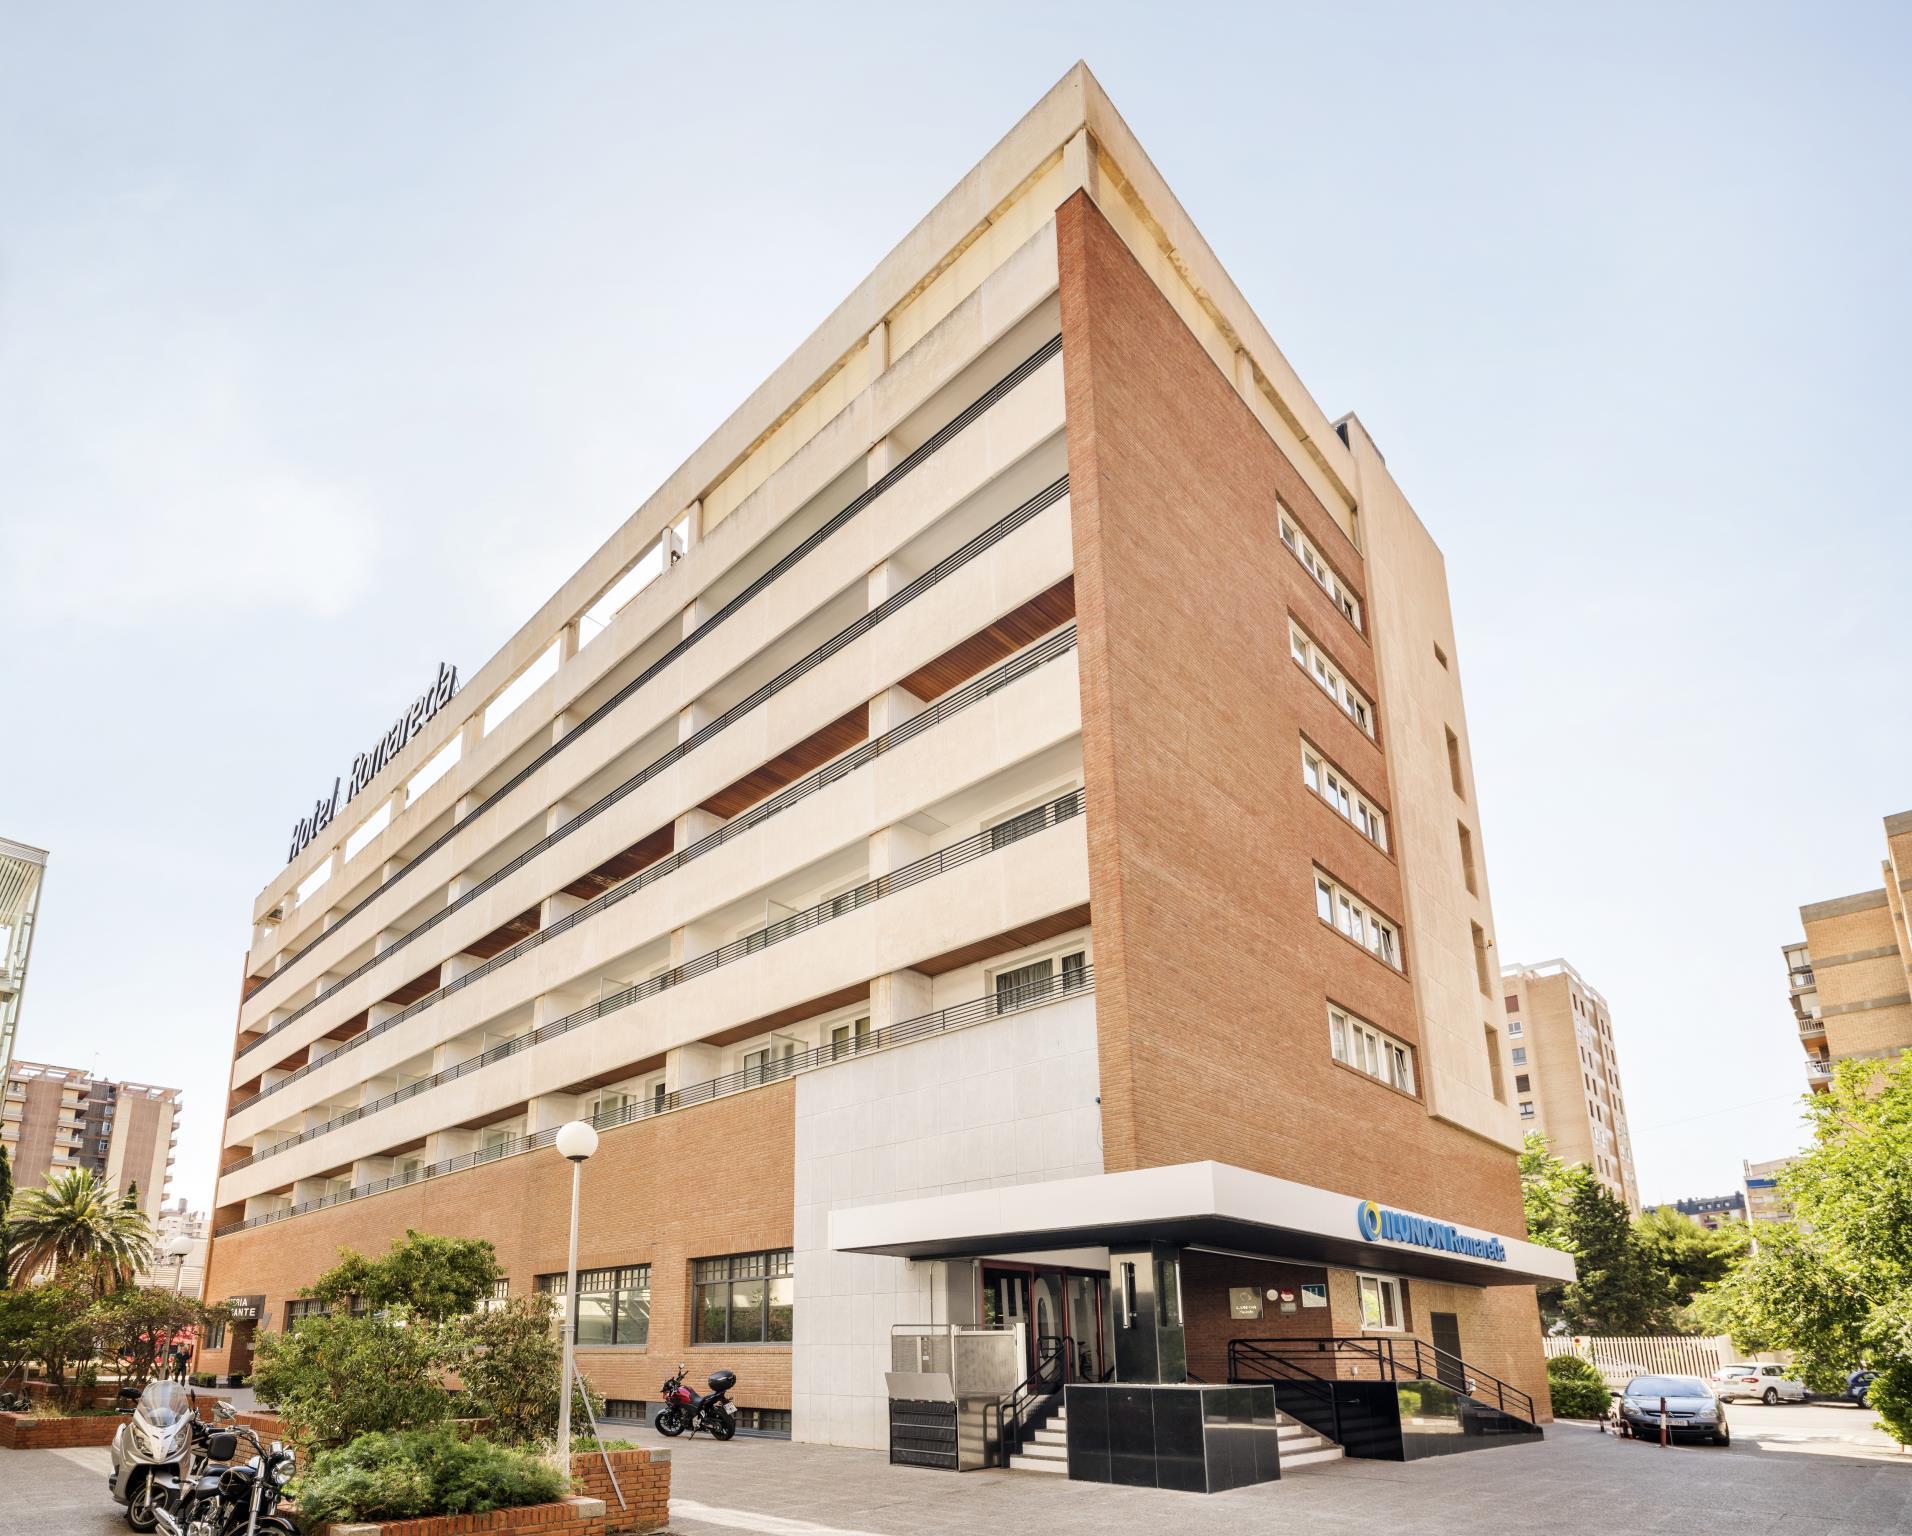 Ilunion Romareda Hotel